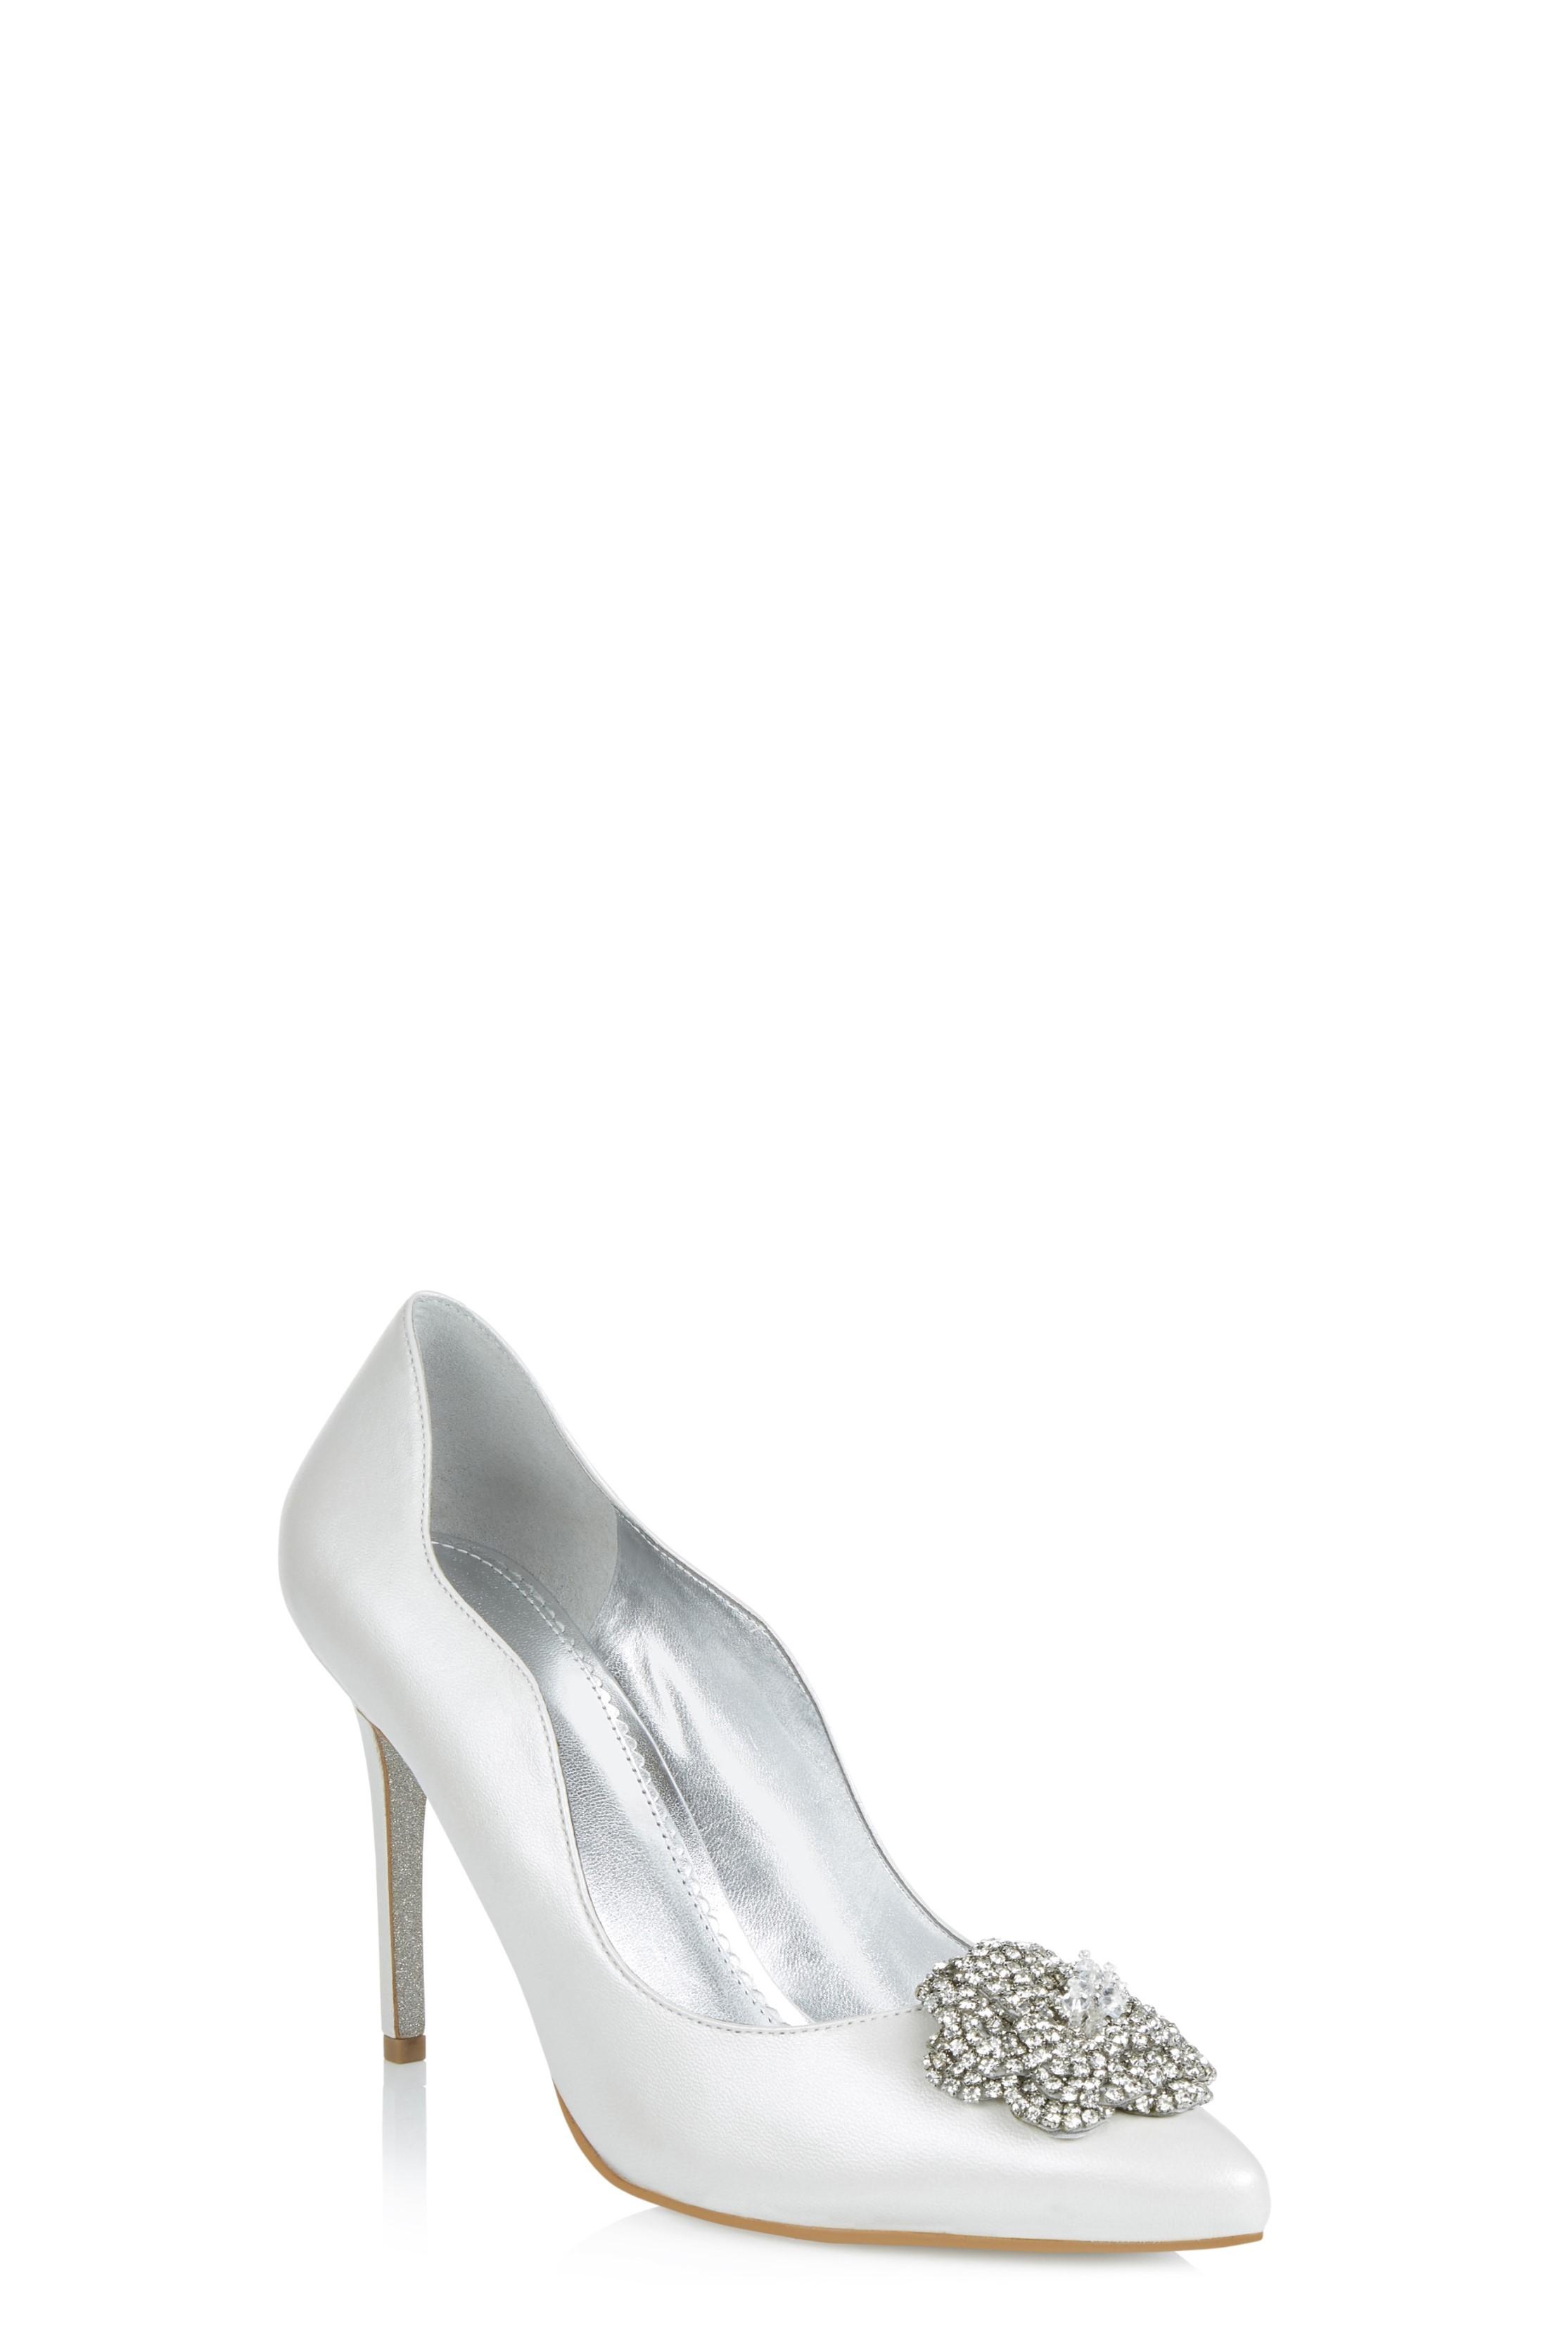 Nine West Elizza Heel